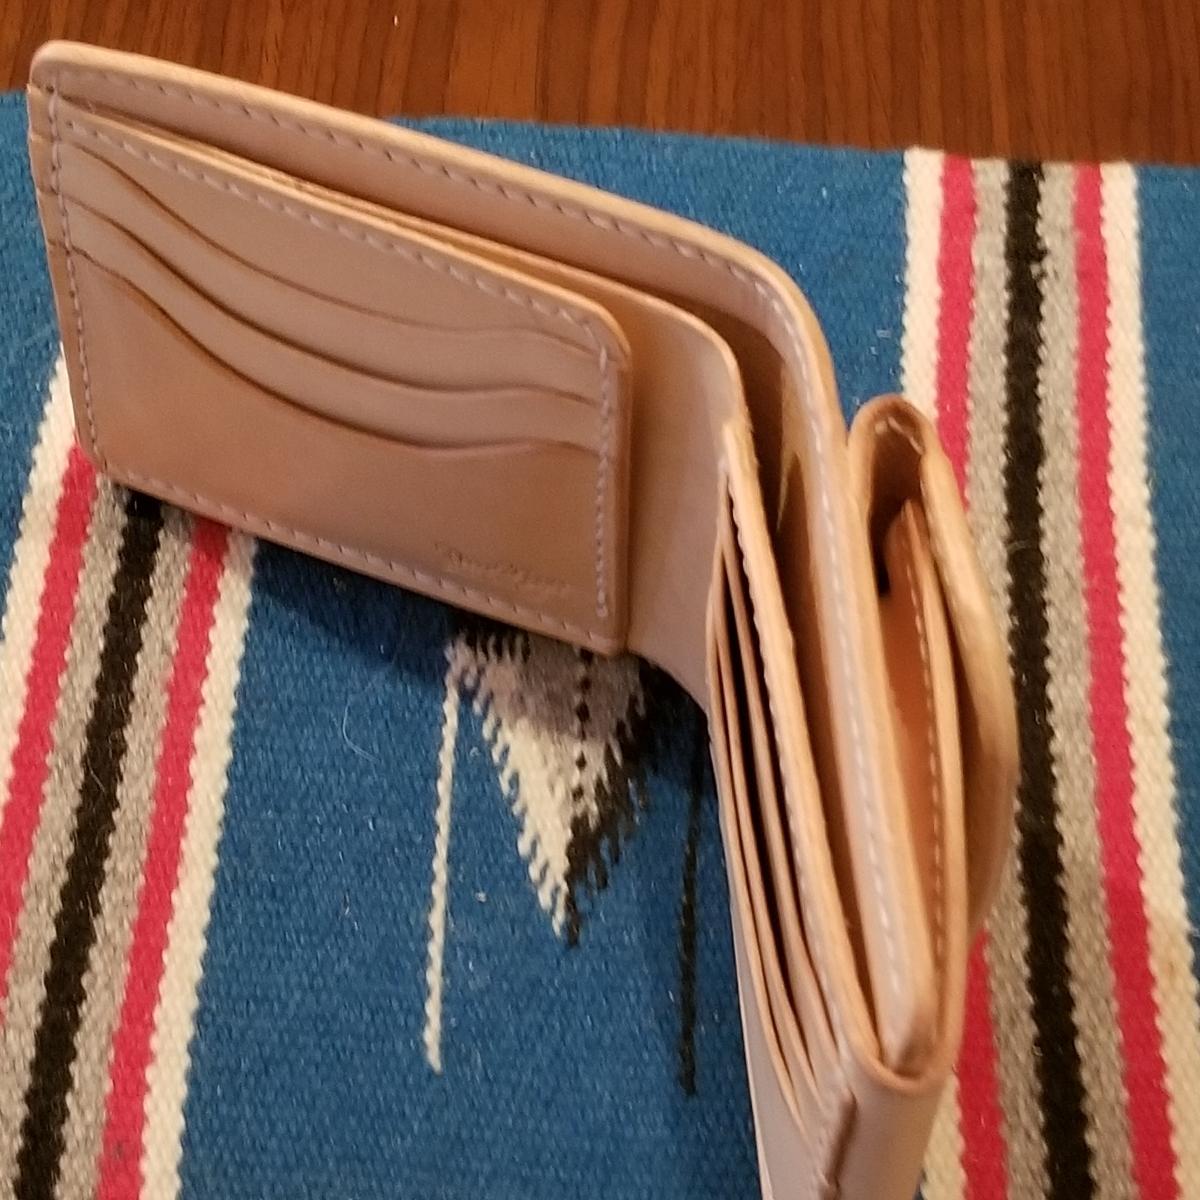 e46143bd2346 牛革サドルレザー ショートウォレット 二つ折り財布 コンチョ付 ...